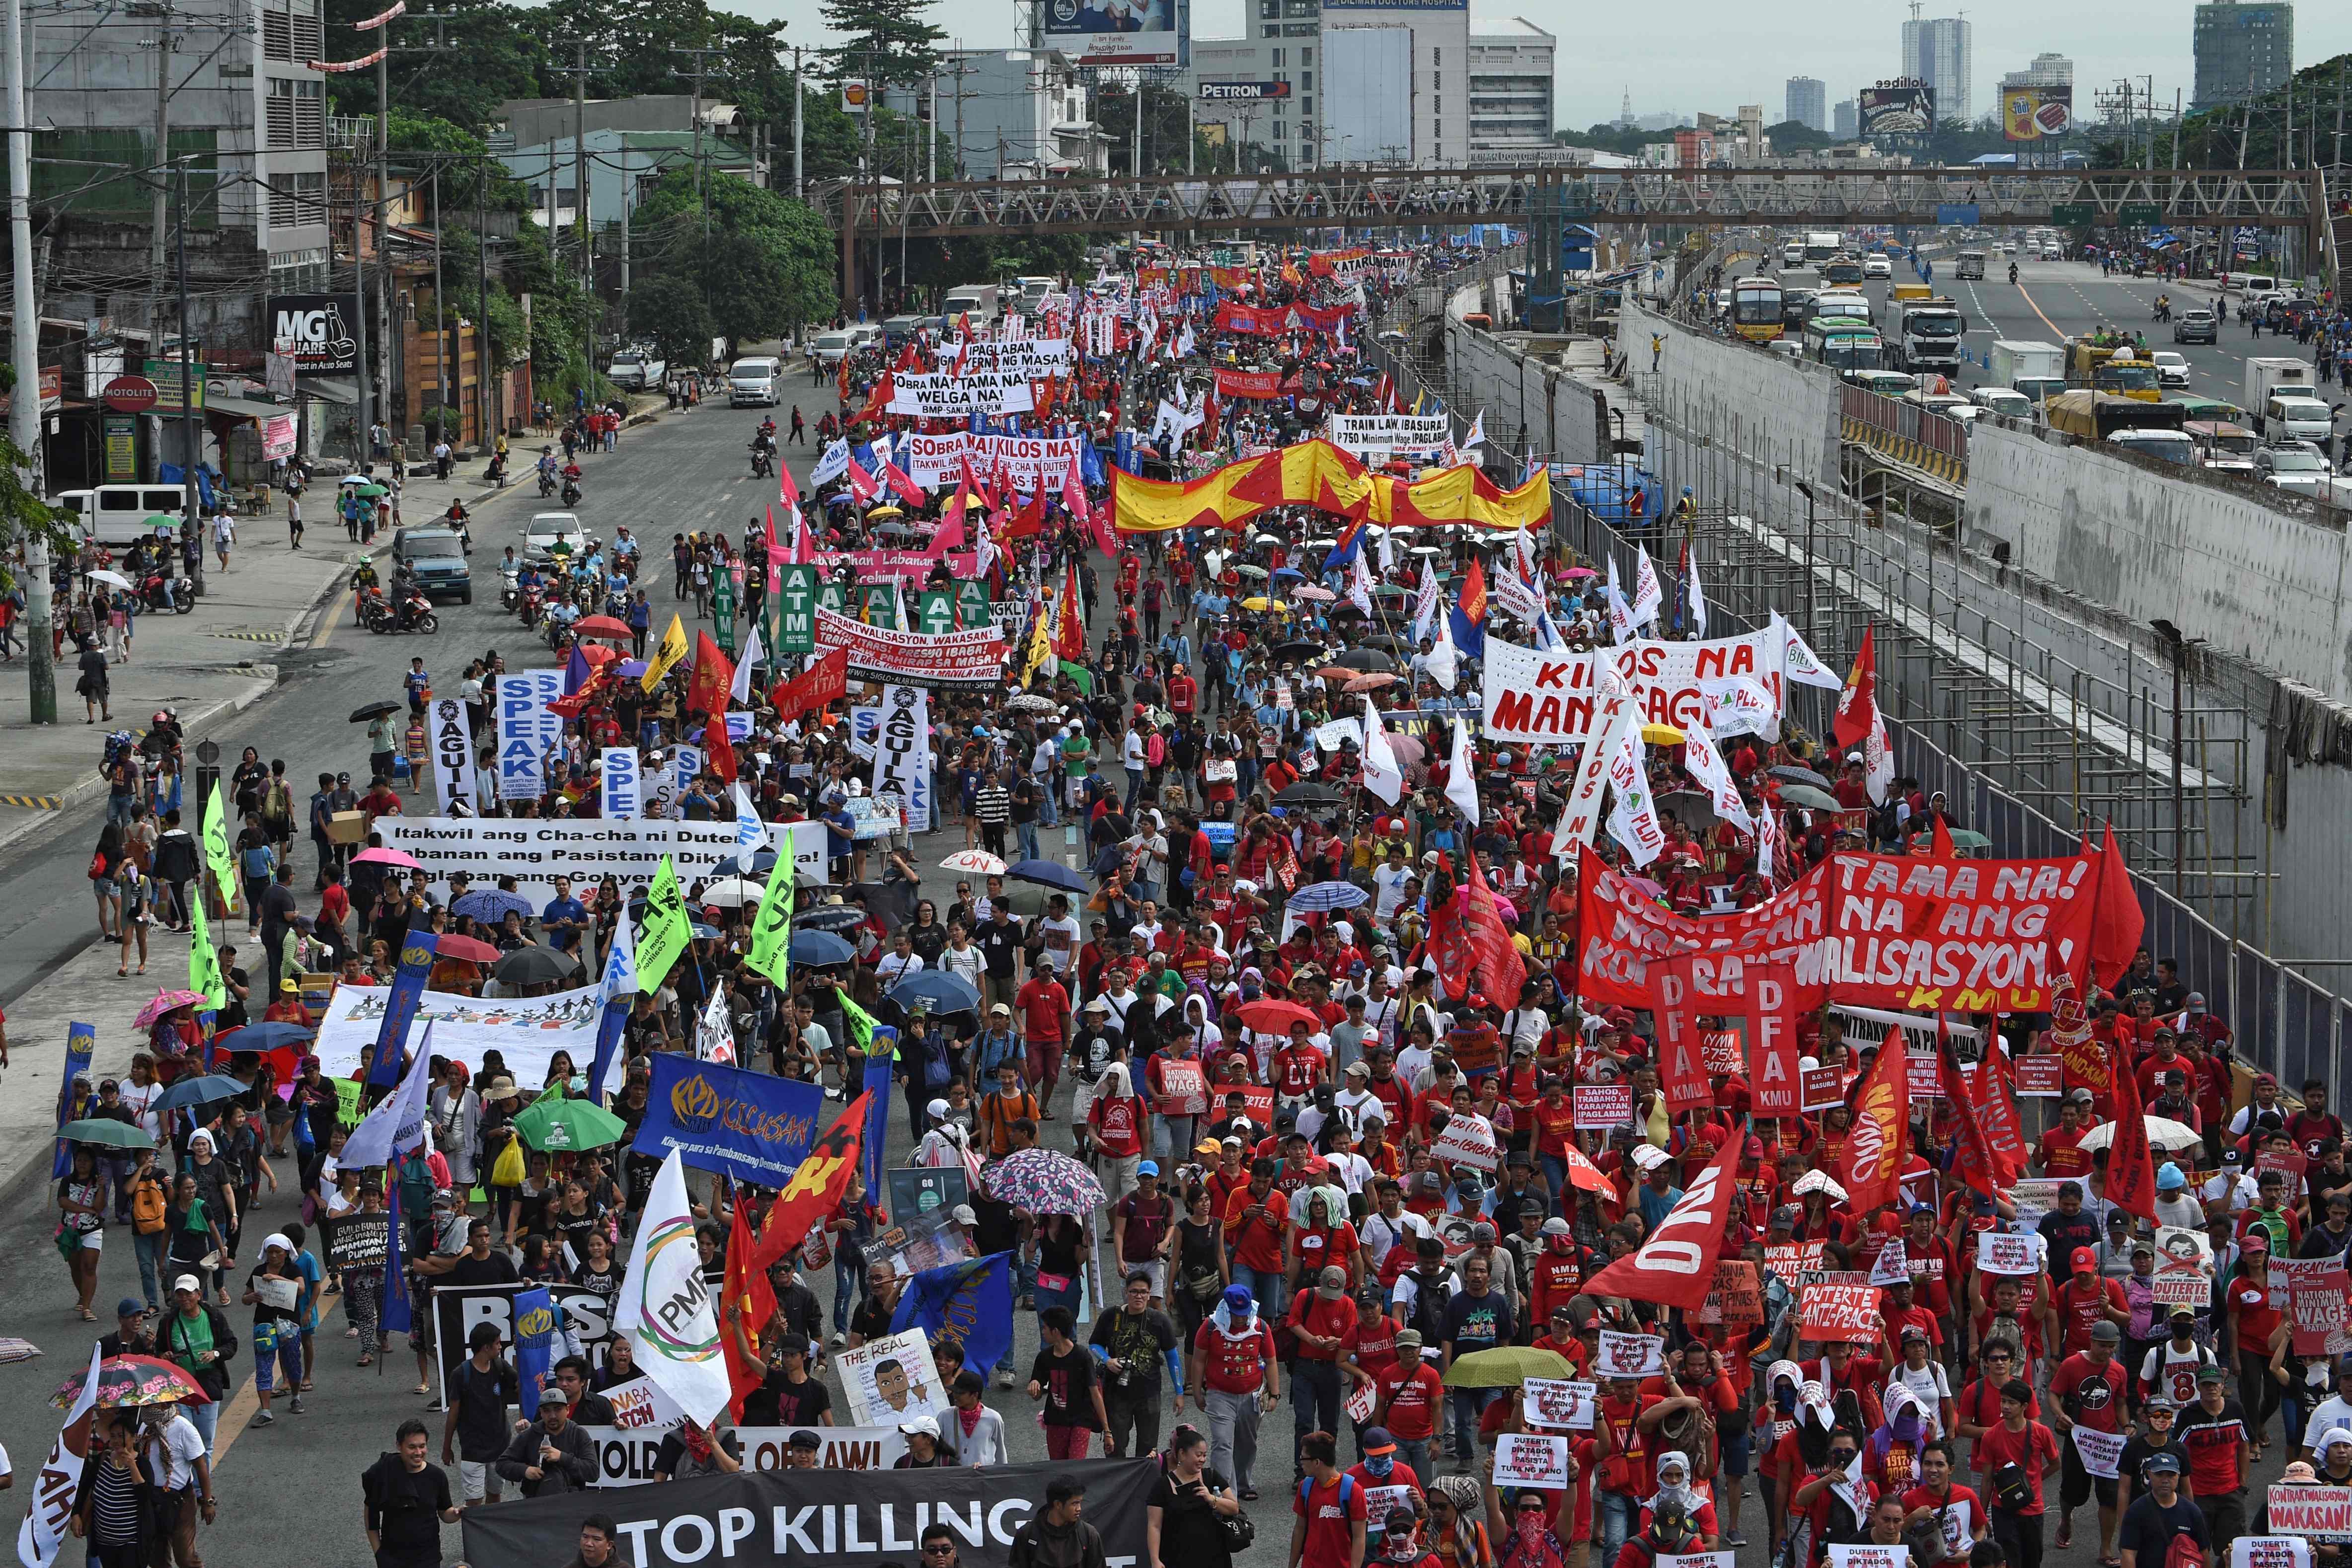 الآلاف يتظاهرون ضد رئيس الفلبين قبل خطابه فى الكونجرس